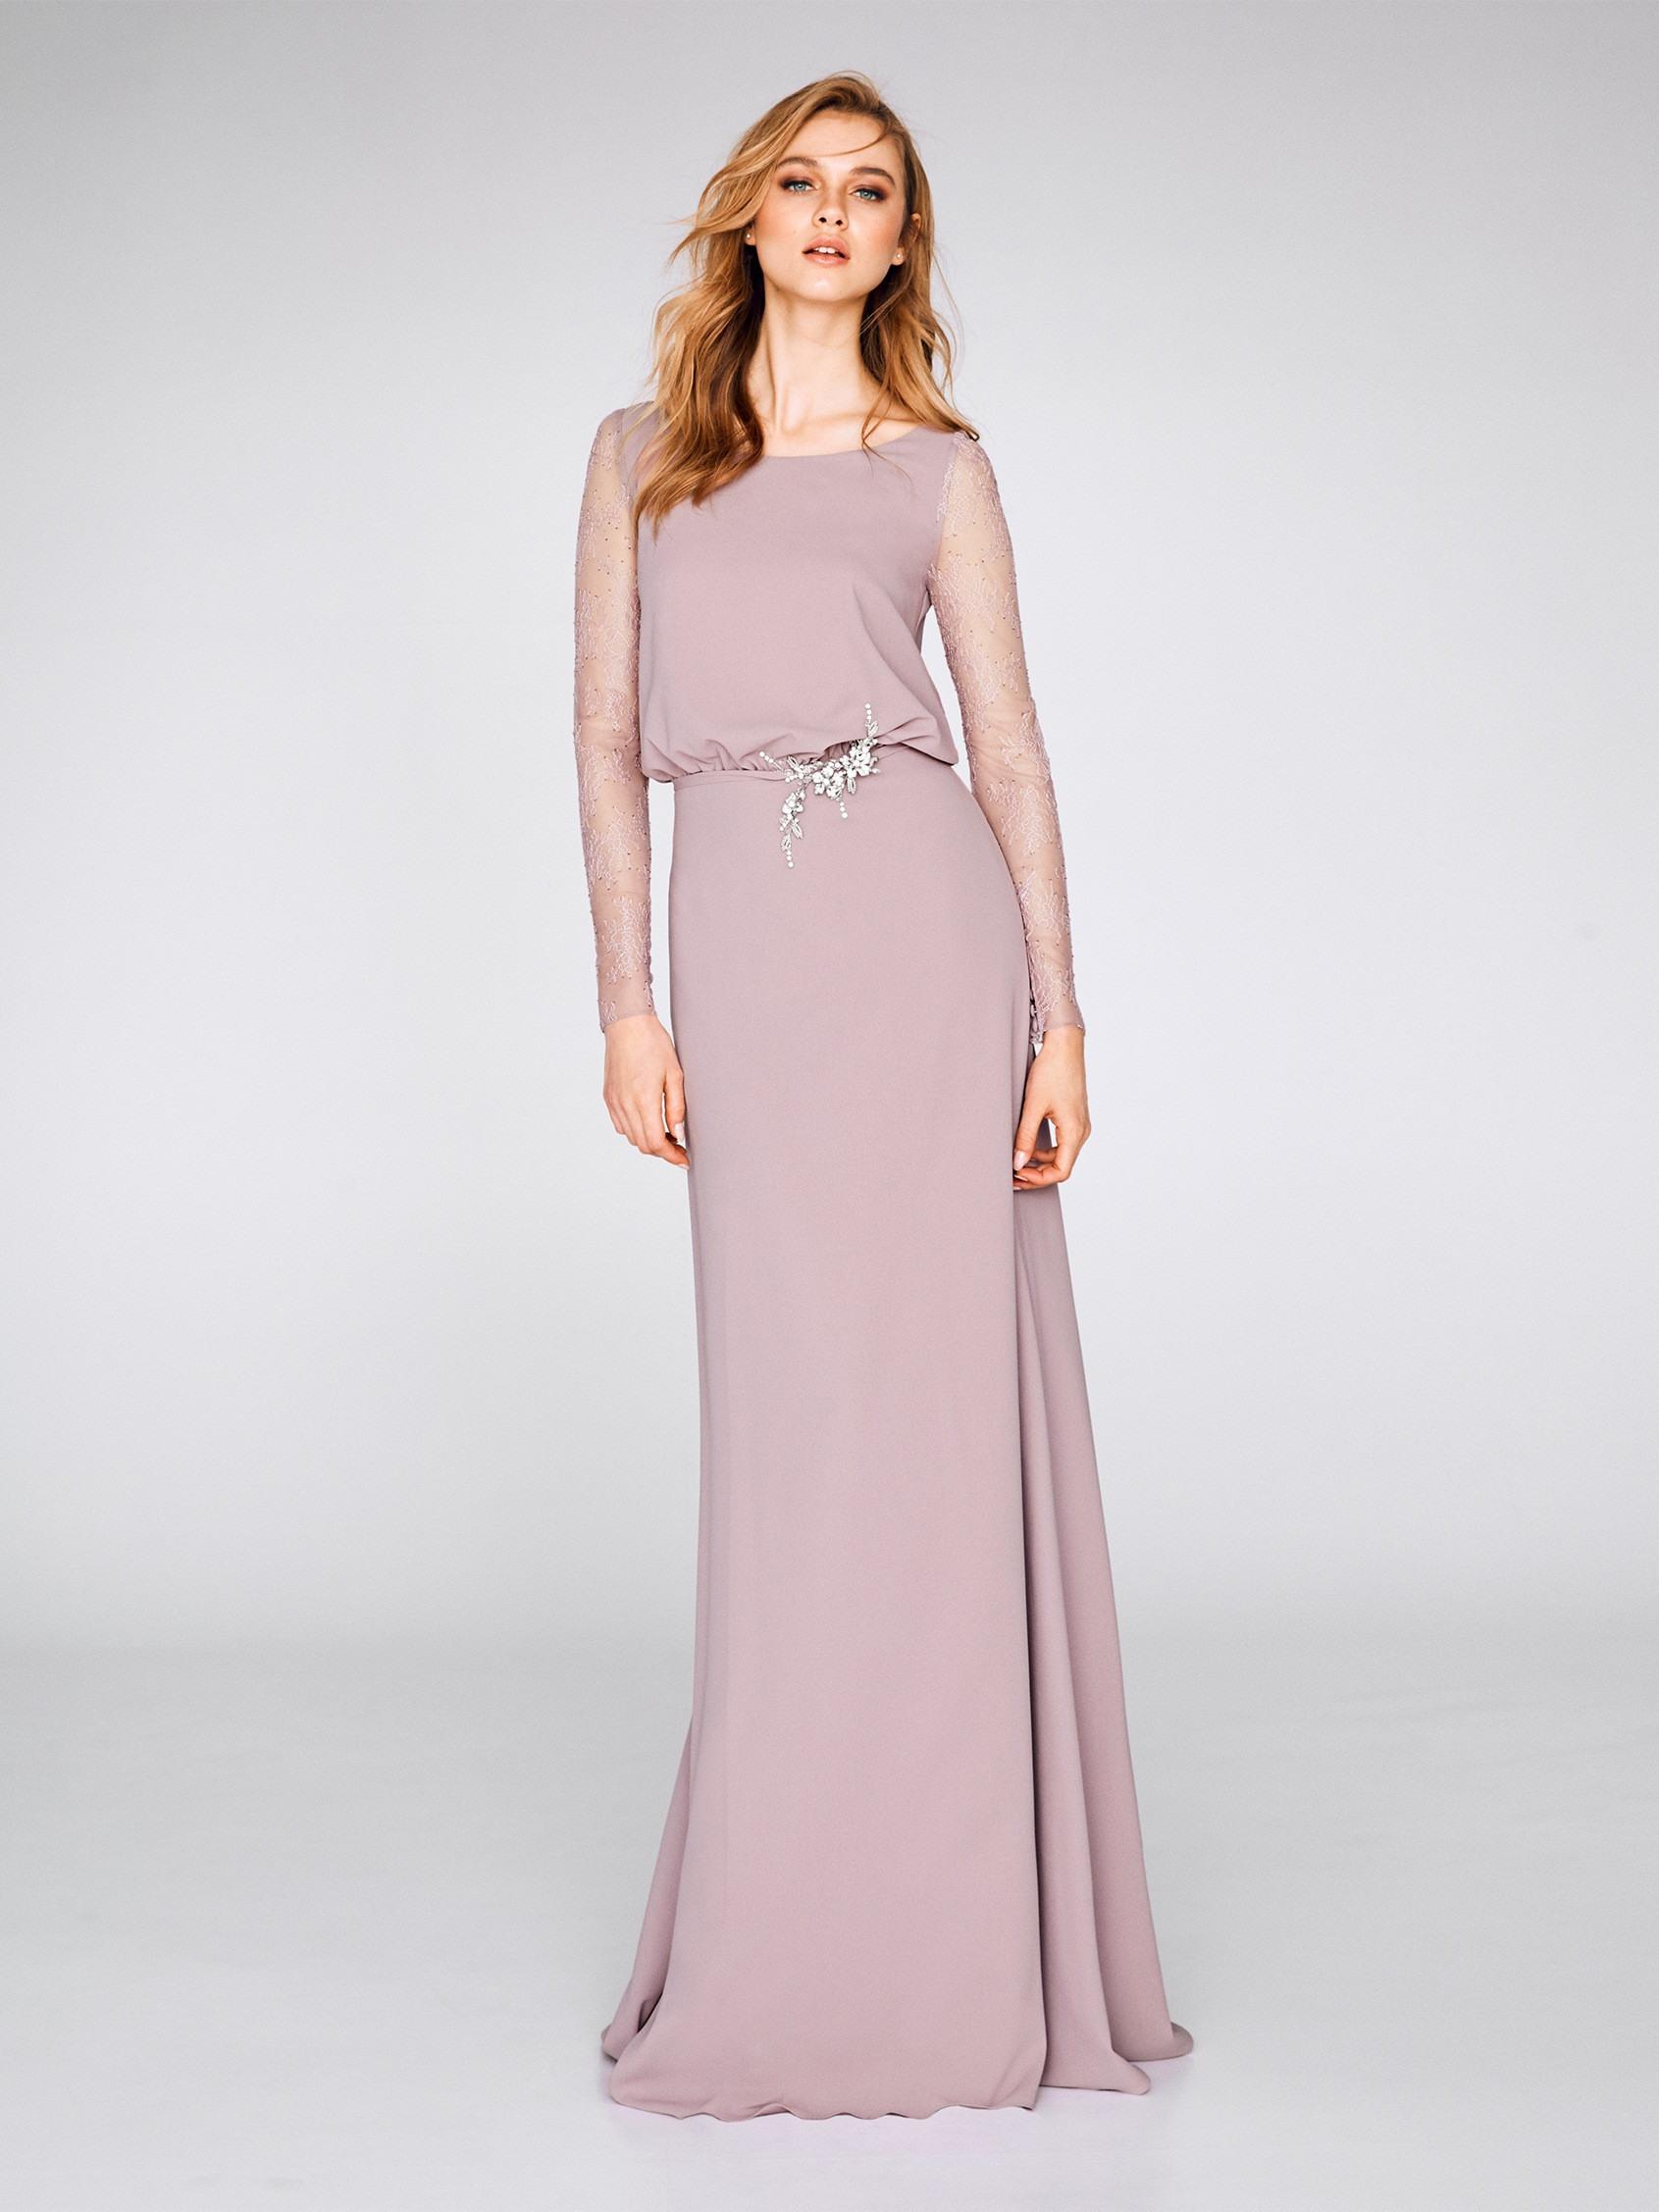 Formal Cool Abendkleid U Boot Boutique20 Genial Abendkleid U Boot Design